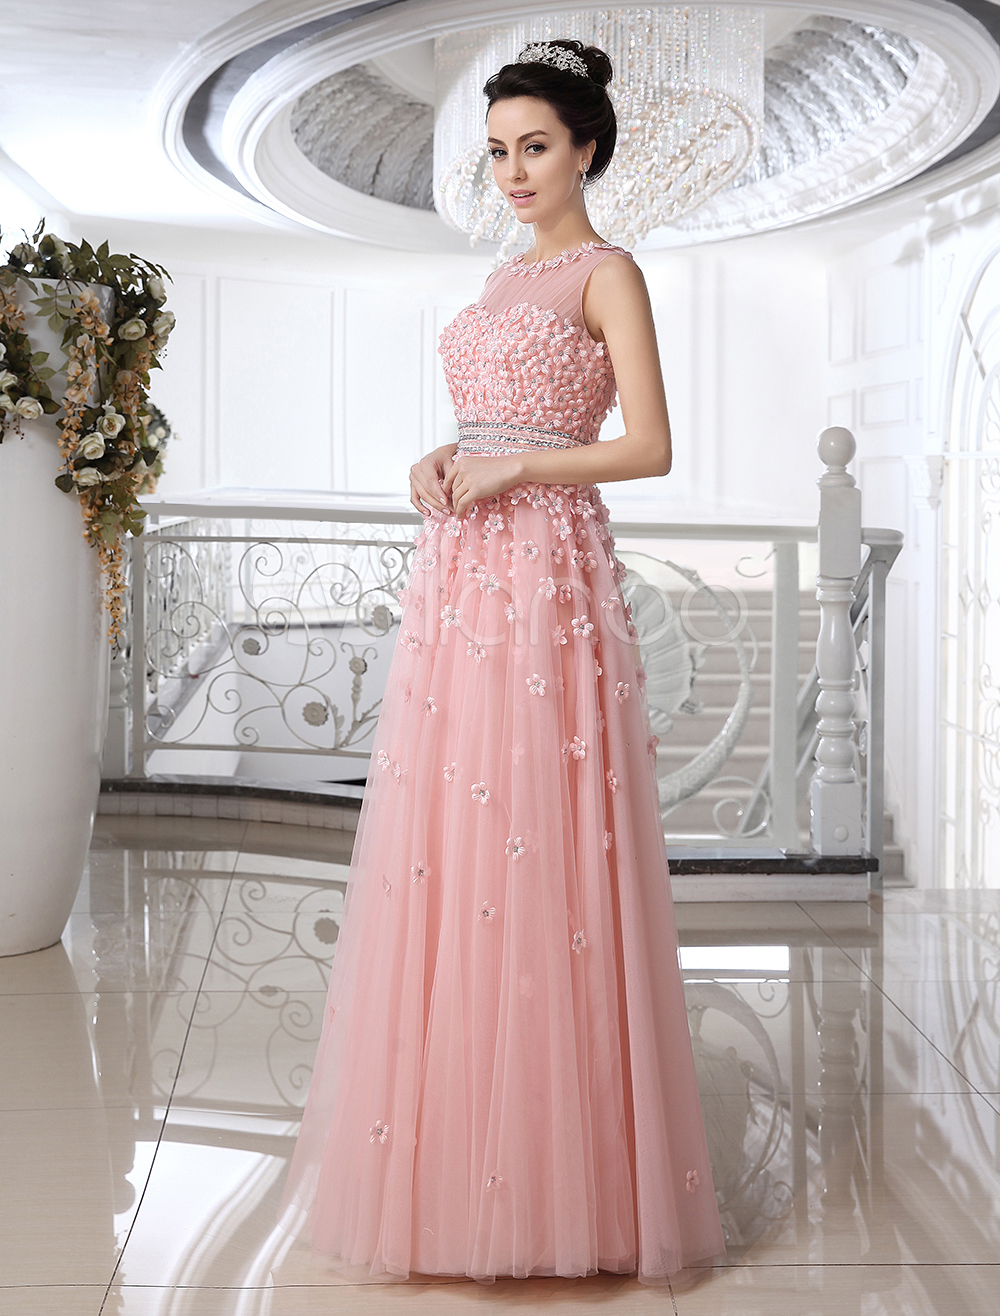 Vestido de novia de tul con escote redondo con flor - Milanoo.com